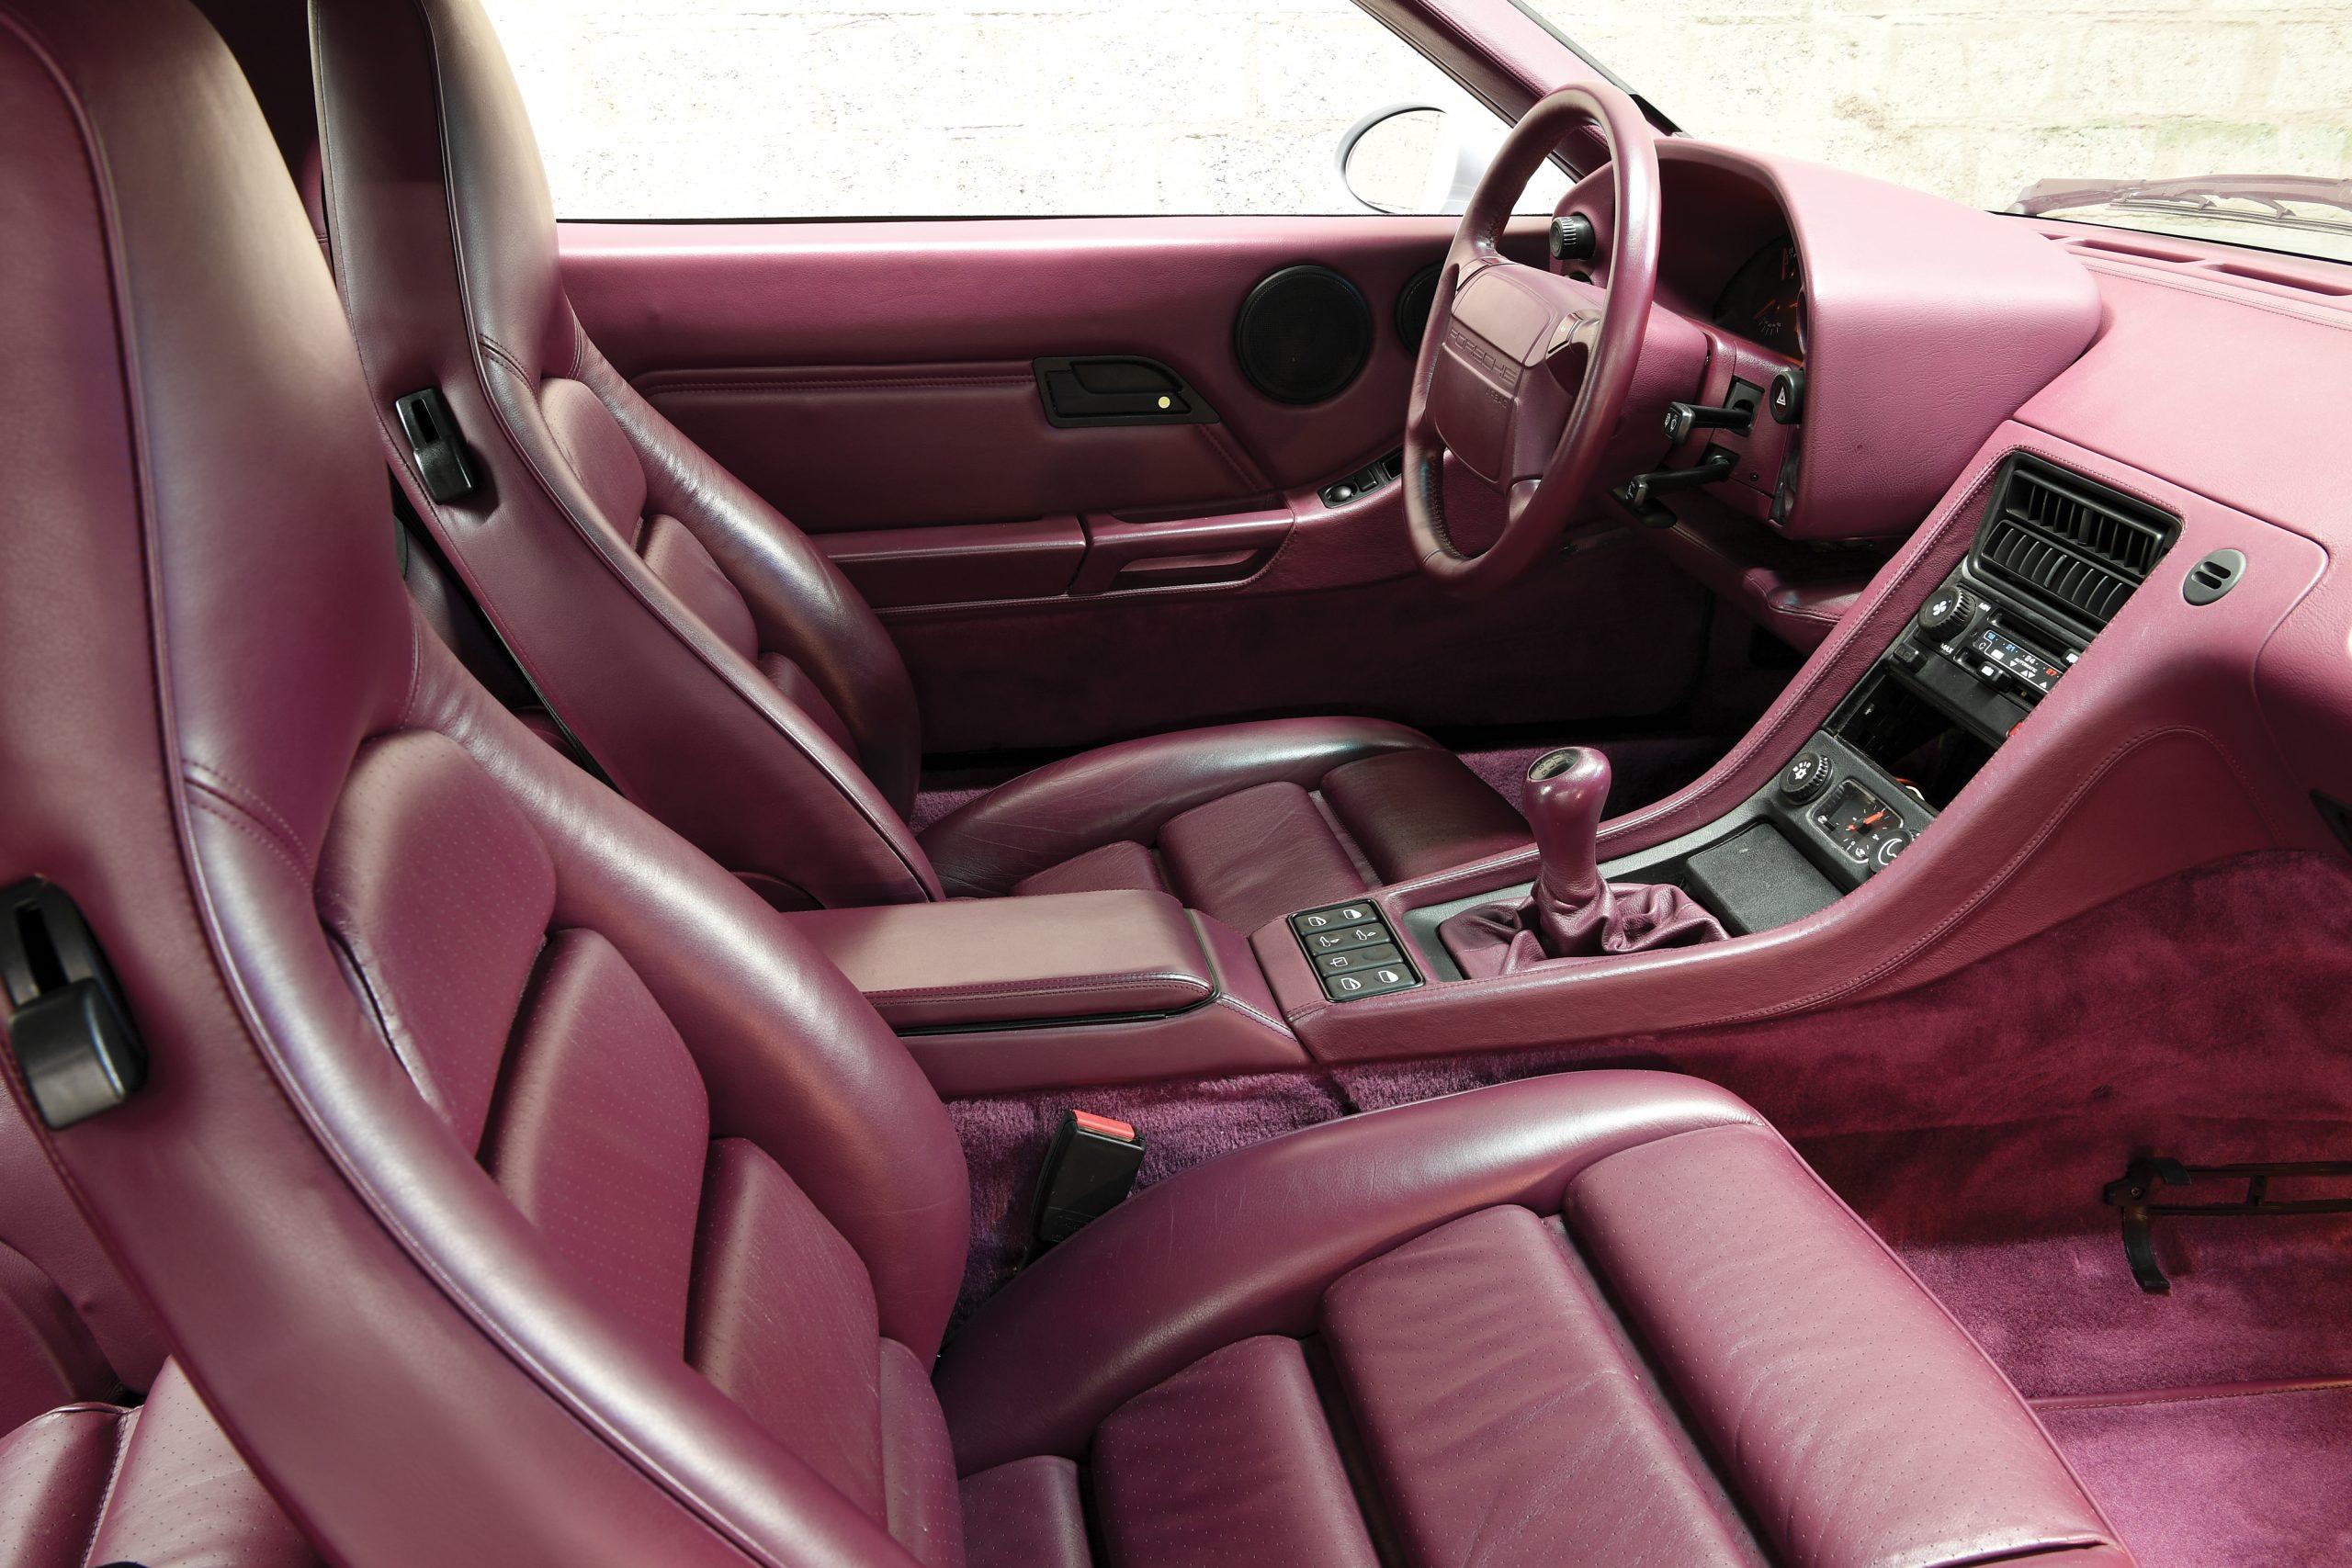 1992 Porsche 928 GTS Interior